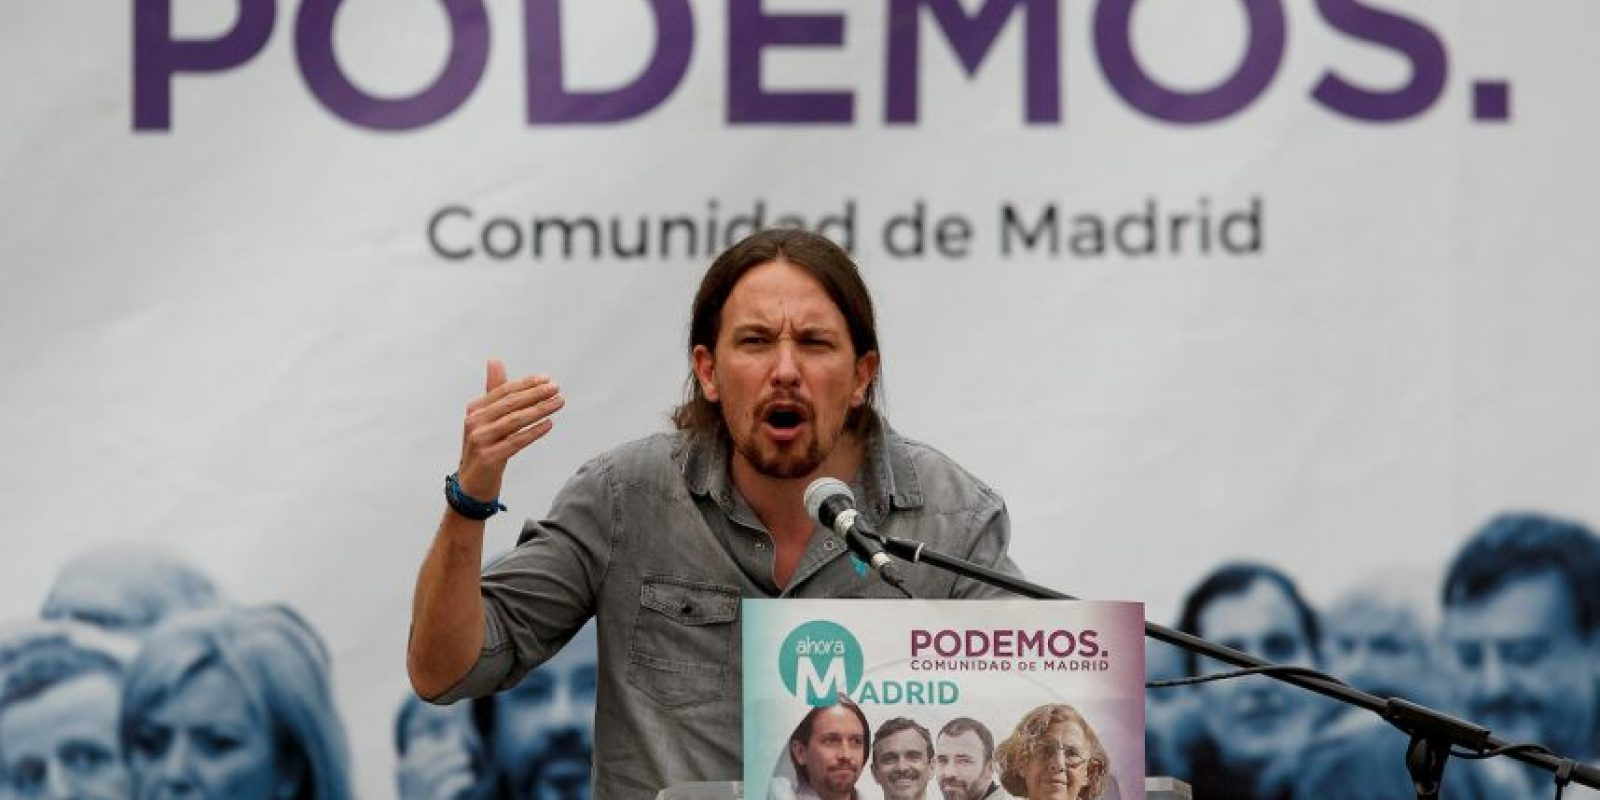 Podemos es el partido con la comunidad más activa Foto:Getty Images